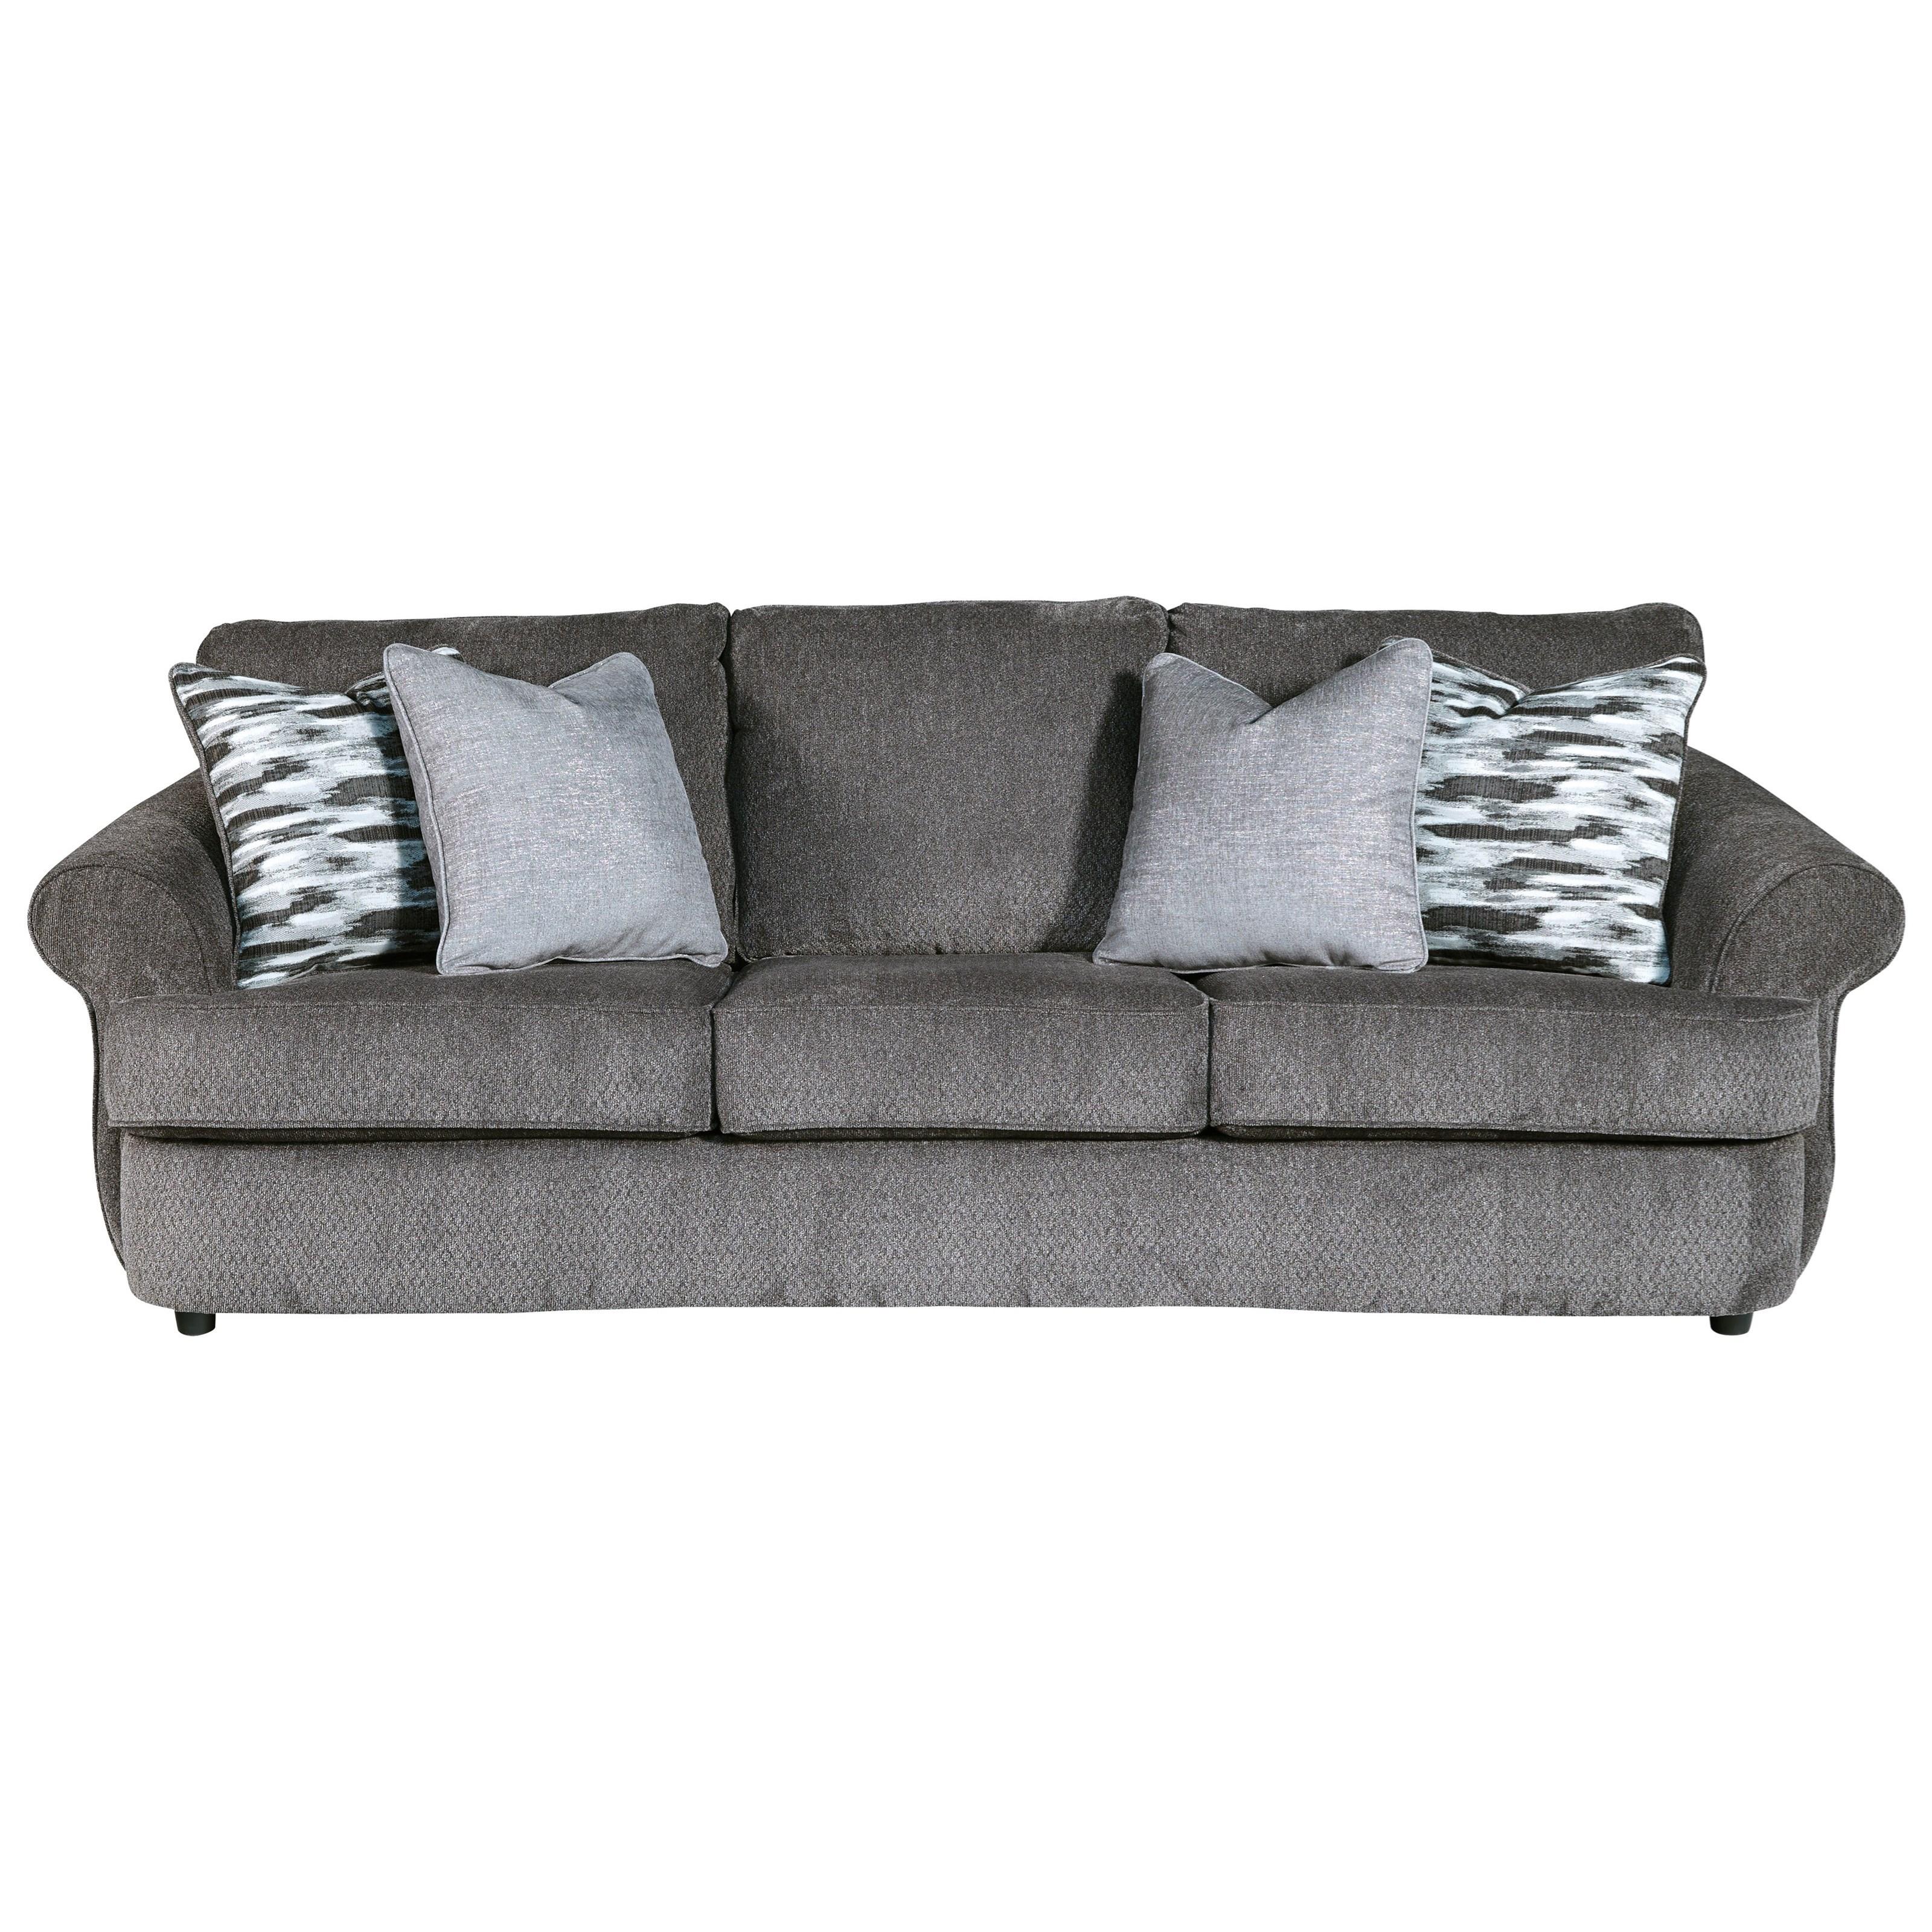 Benchcraft Allouette Sofa - Item Number: 9350438